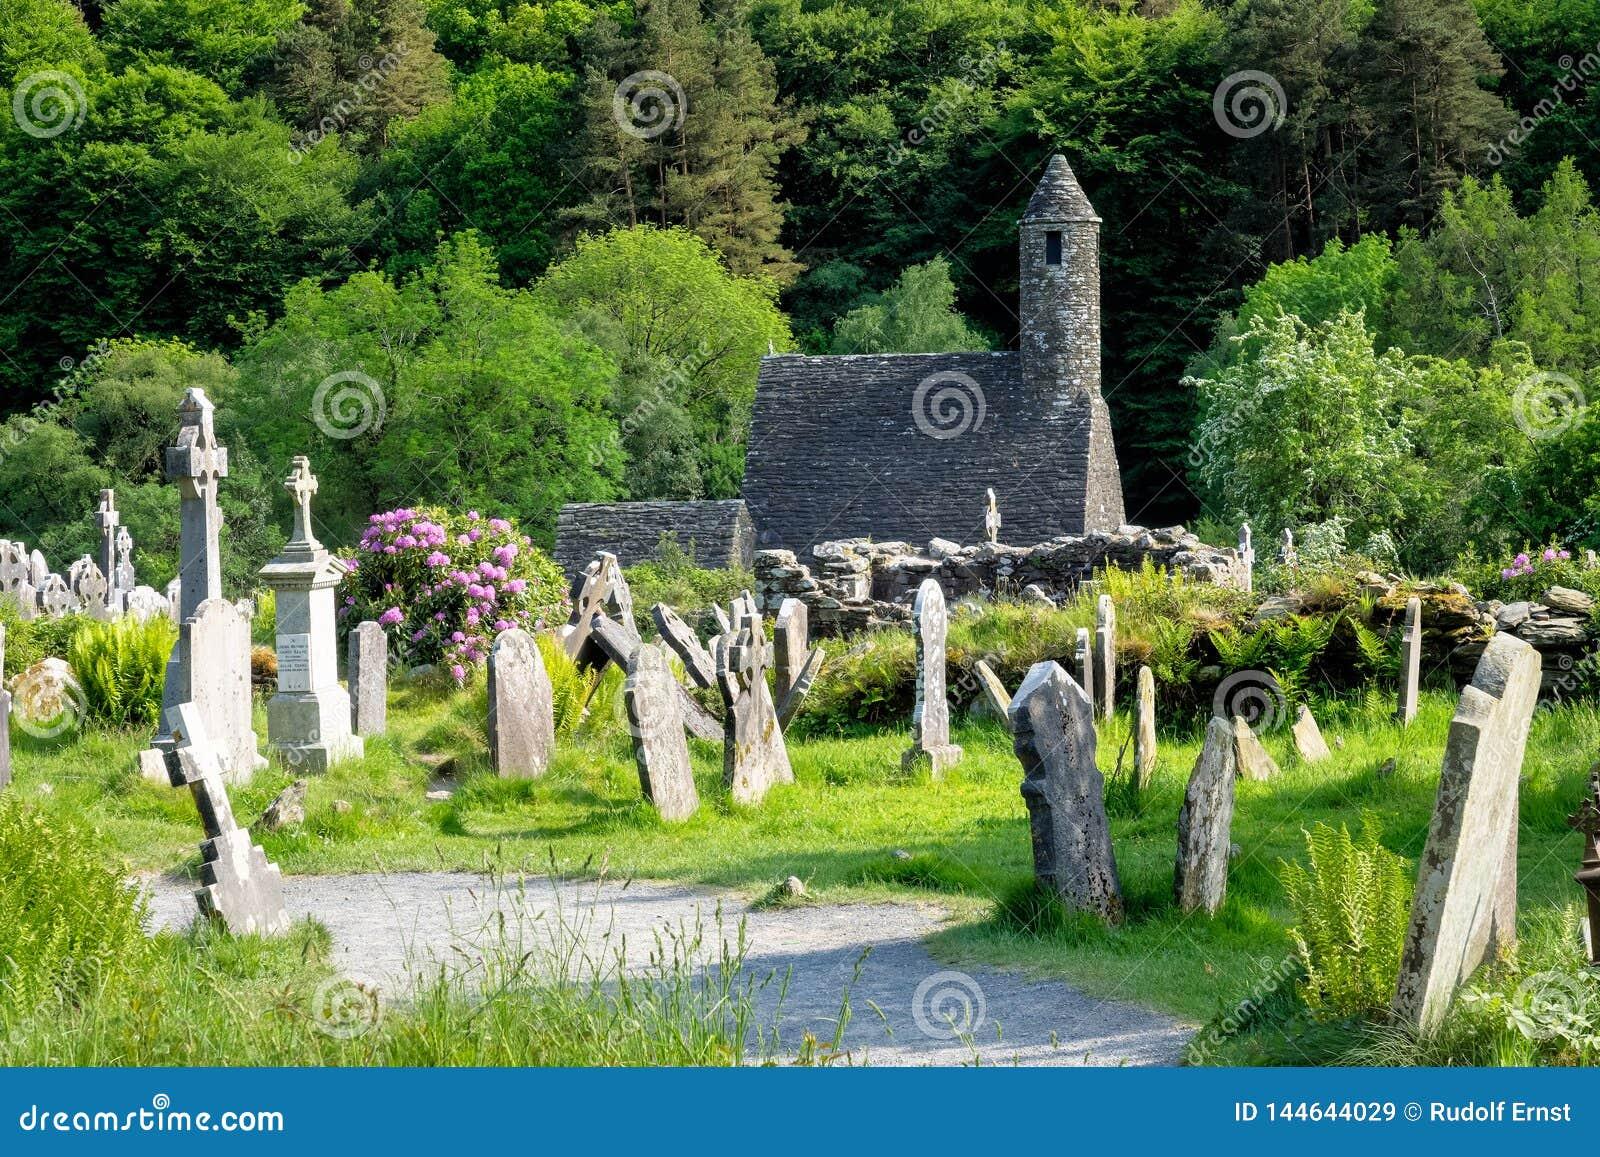 Glendalough ist ein Dorf mit einem Kloster in der Grafschaft Wicklow, Irland